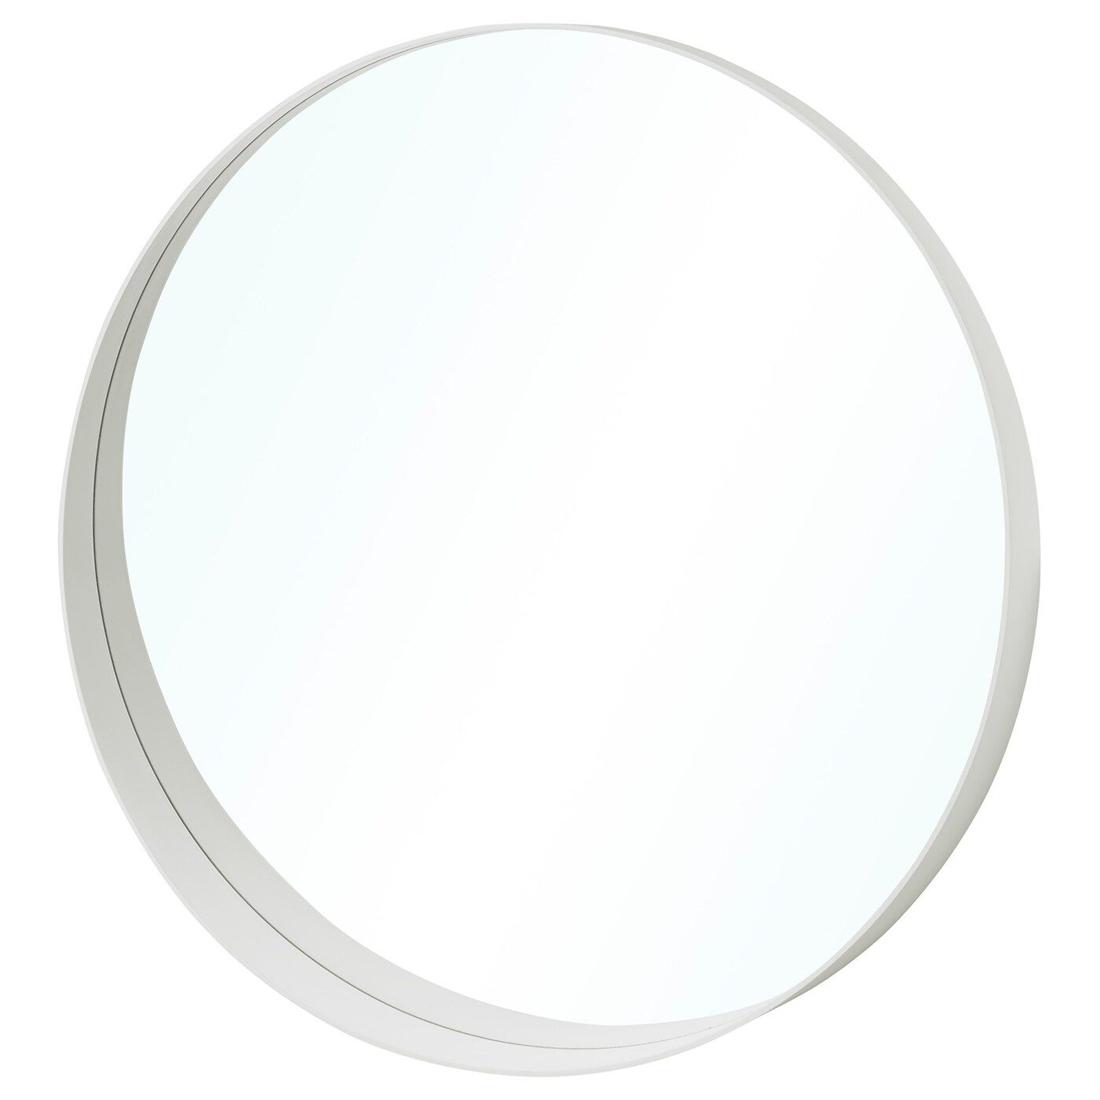 Зеркало, белый, 80 см РОТСУНД [104.467.84] 104.467.84